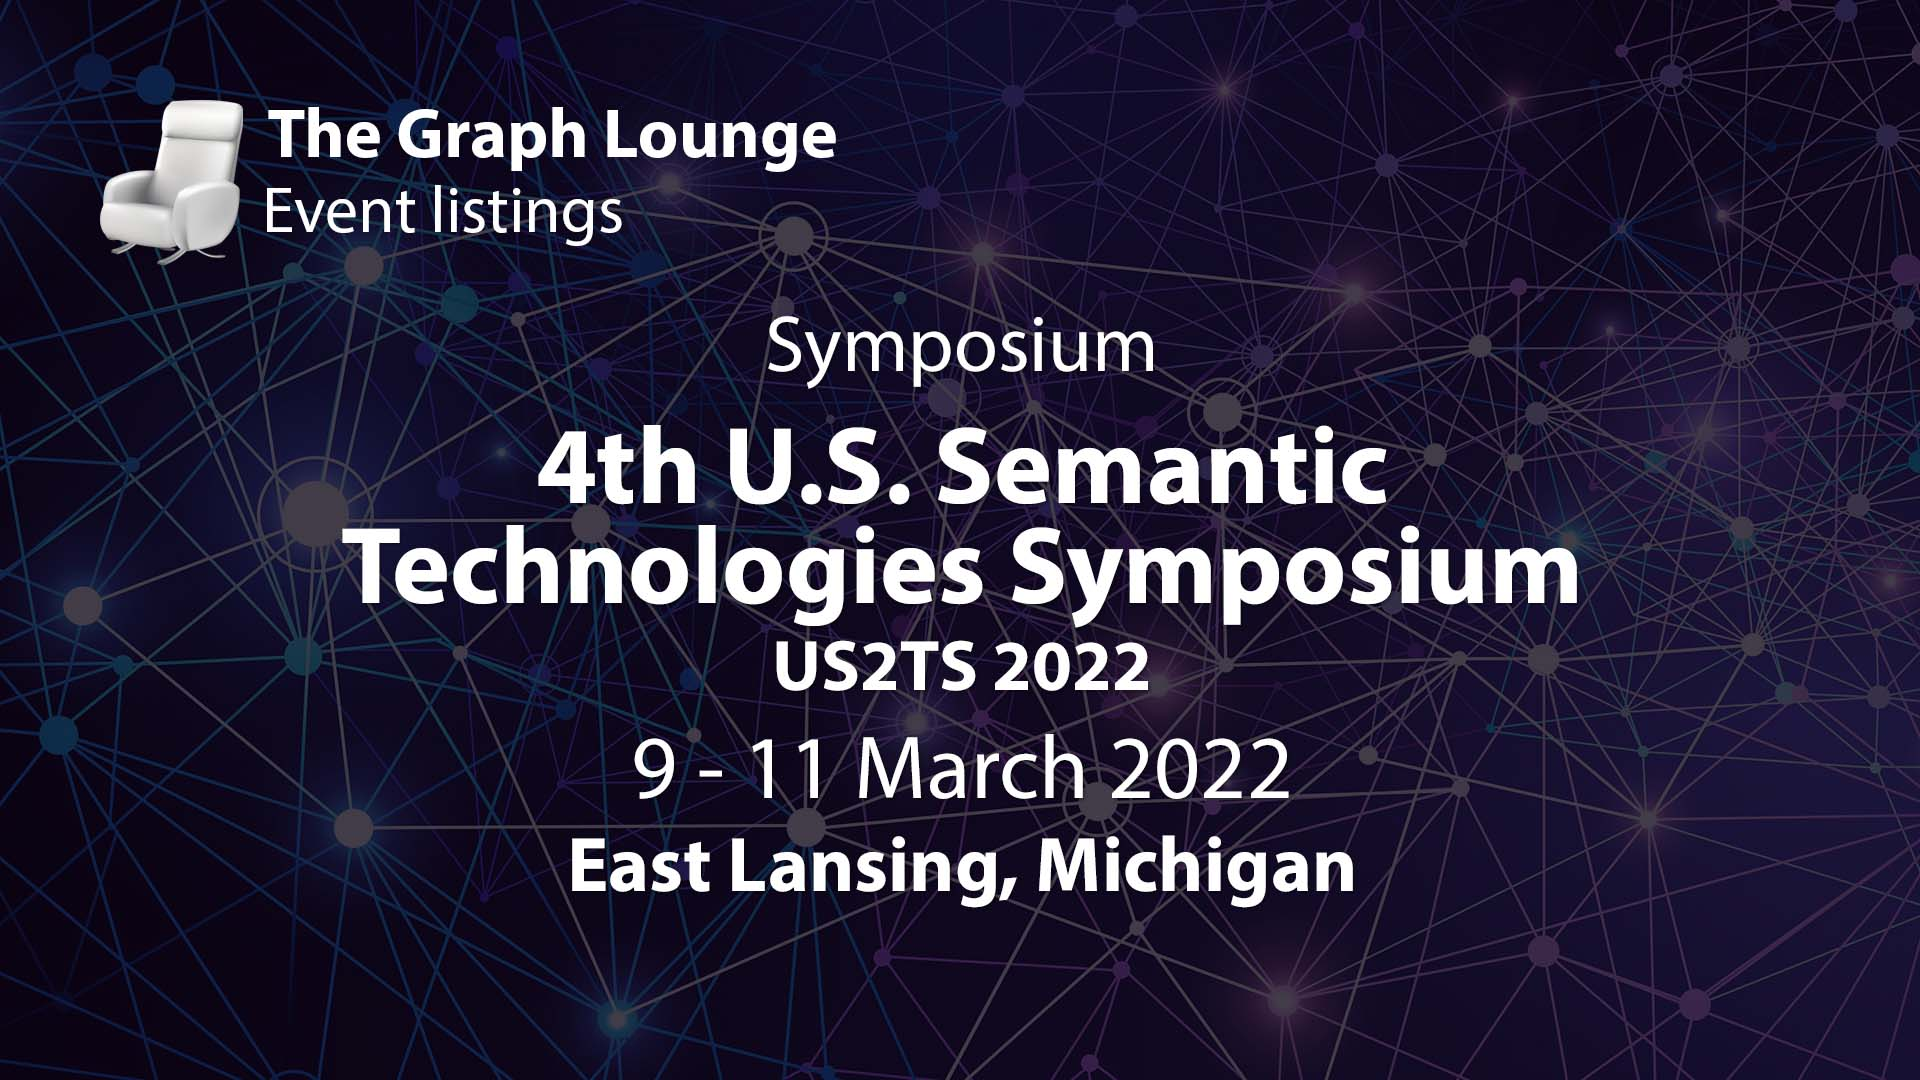 4th U.S. Semantic Technologies Symposium (US2TS 2022)